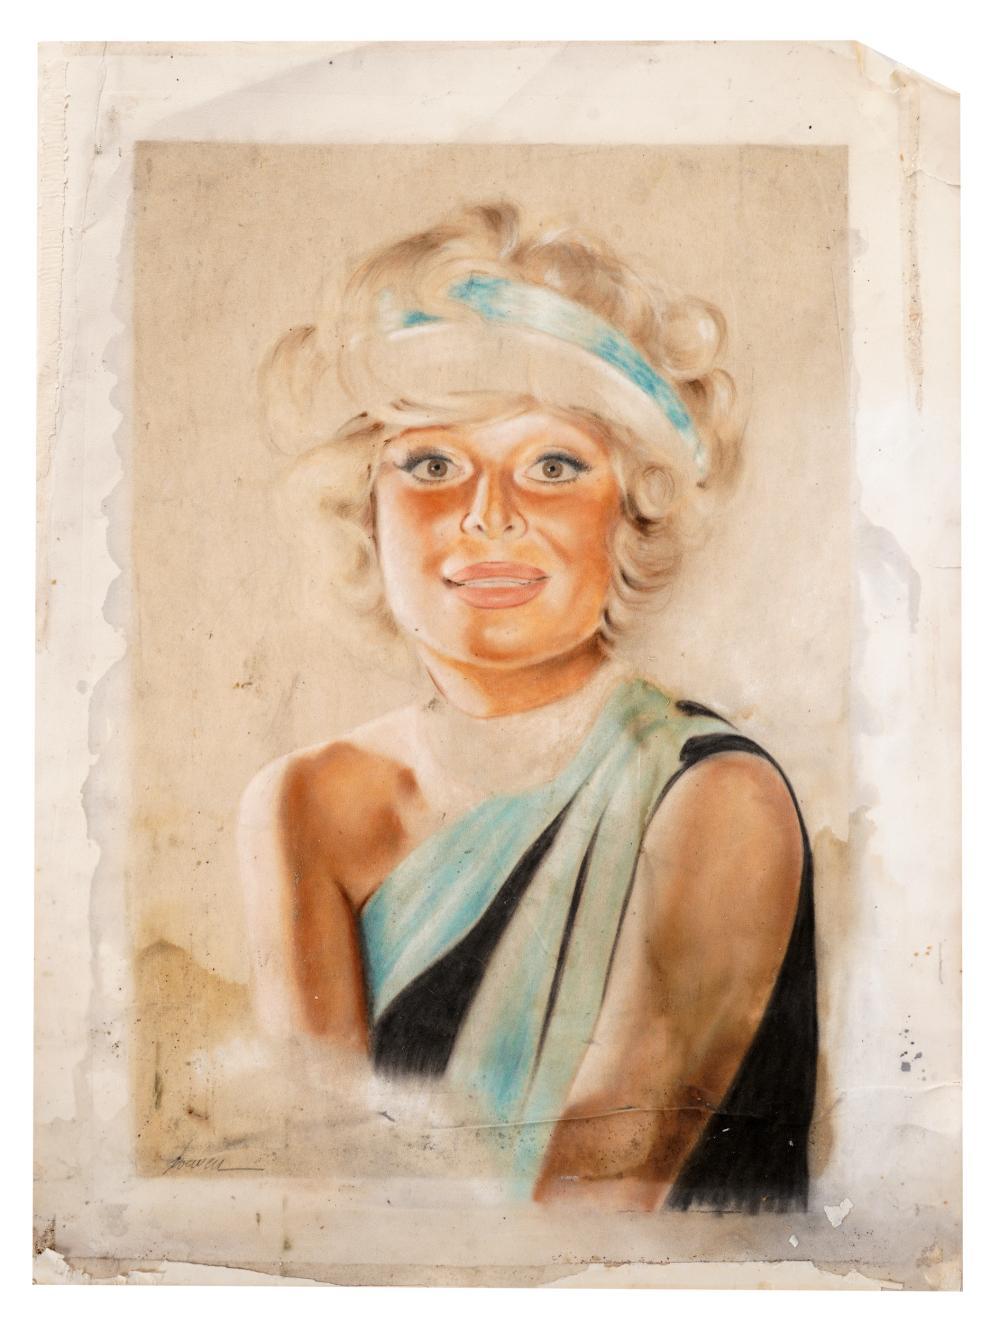 CAROL CHANNING FAN ART PORTRAIT